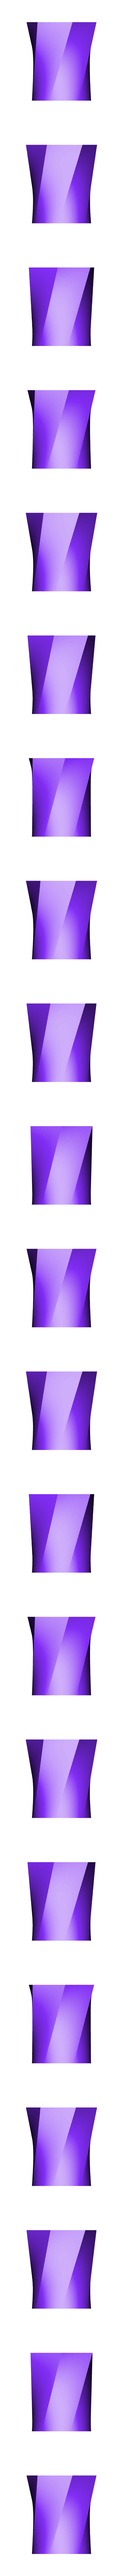 POT DE FLEURE 15x15x20.stl Télécharger fichier STL gratuit Pot de fleur 15X15X20 • Plan pour impression 3D, SimEtJo